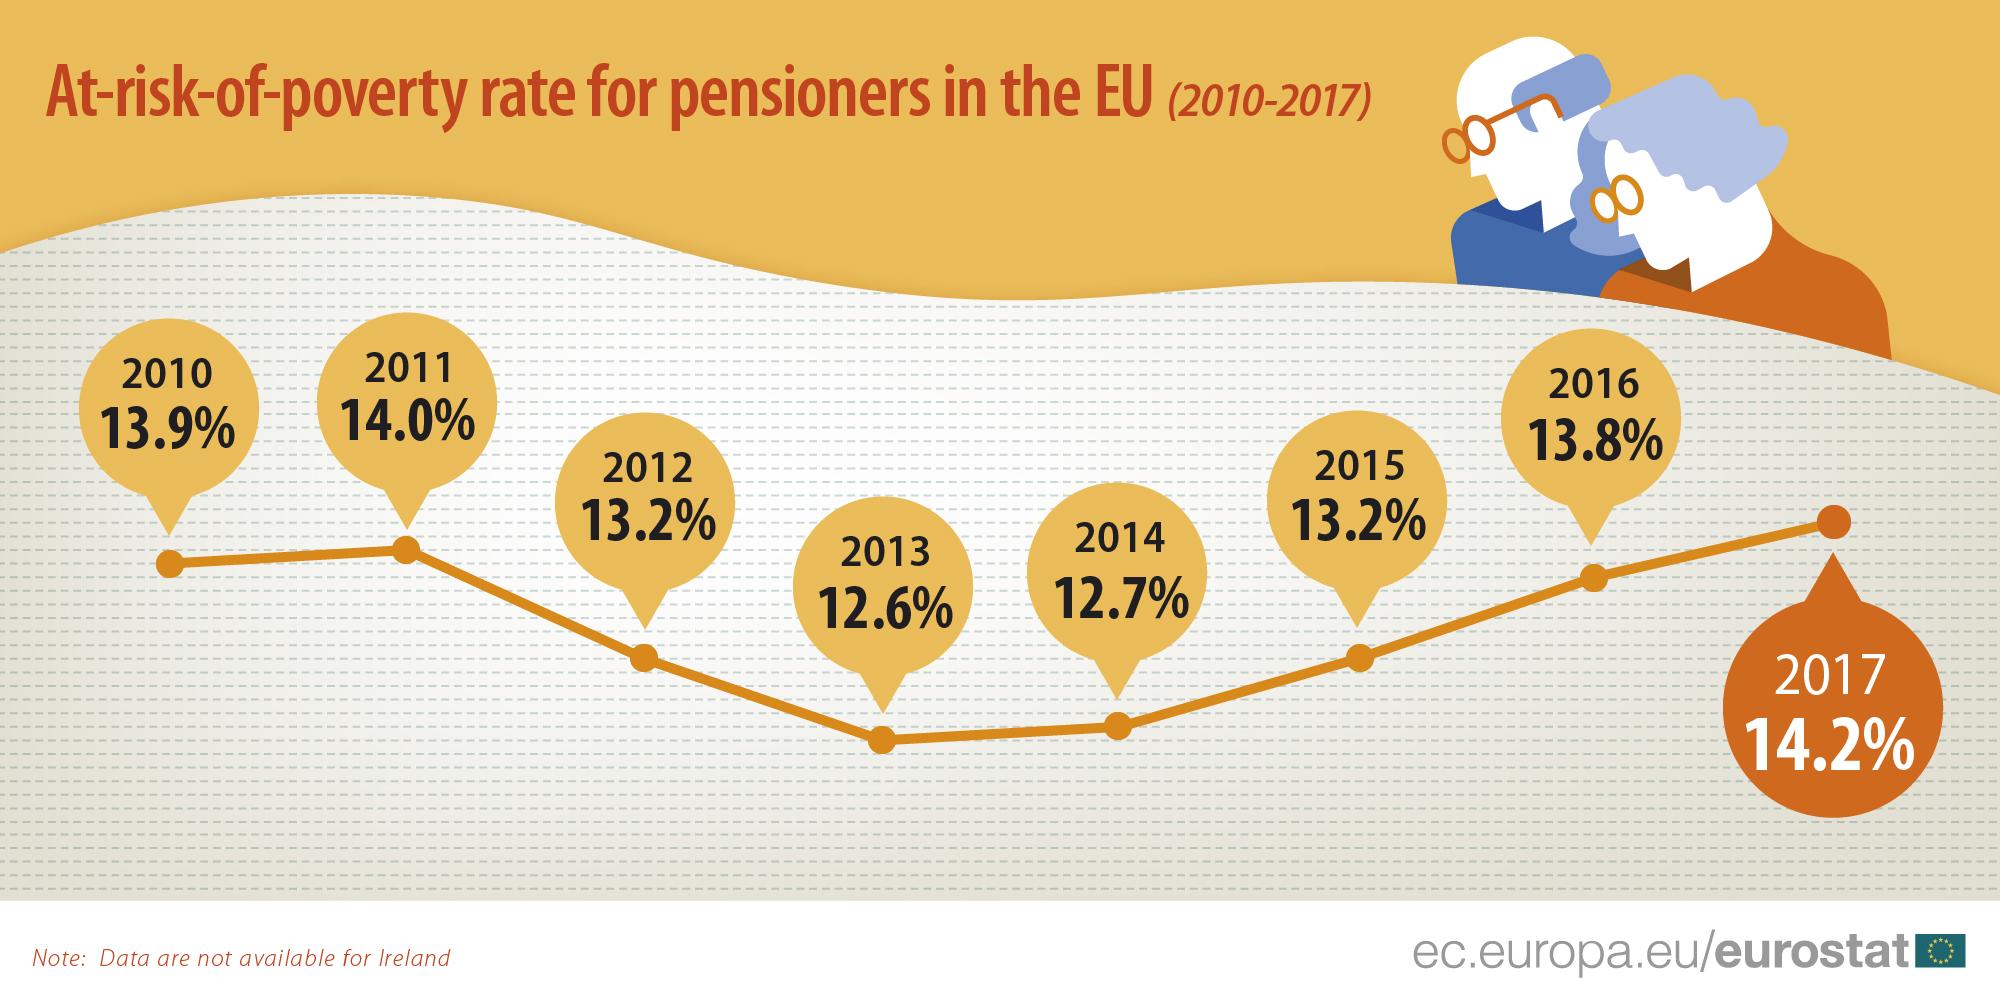 Rizik od siromaštva penzionera u EU u porastu 2